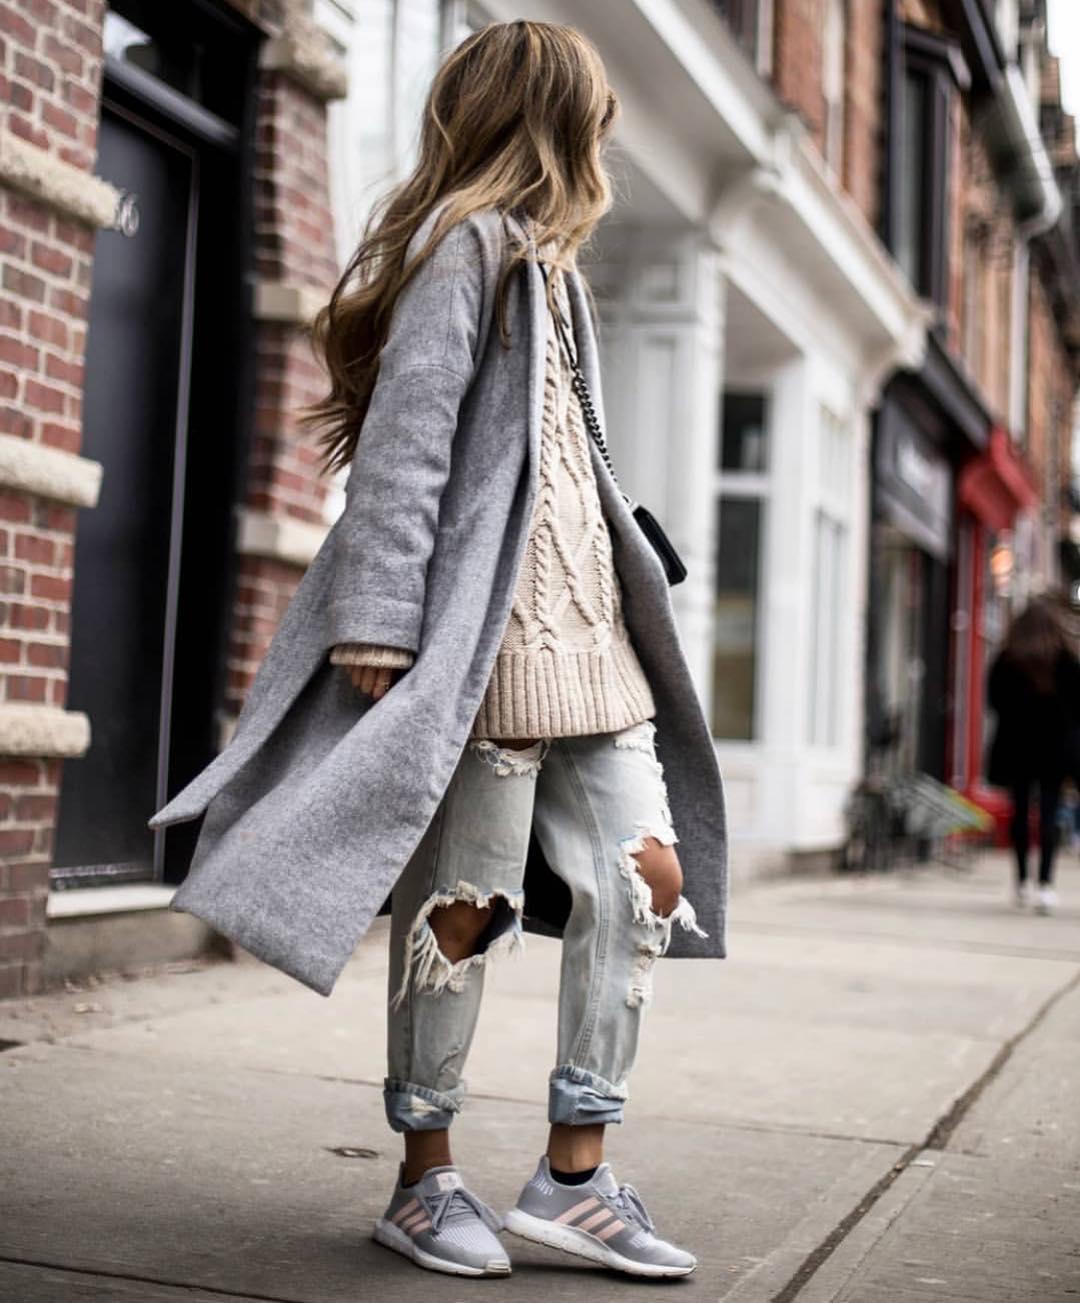 How To Wear Oversized Coat With Boyfriend Jeans For Fall Street Wear 2019